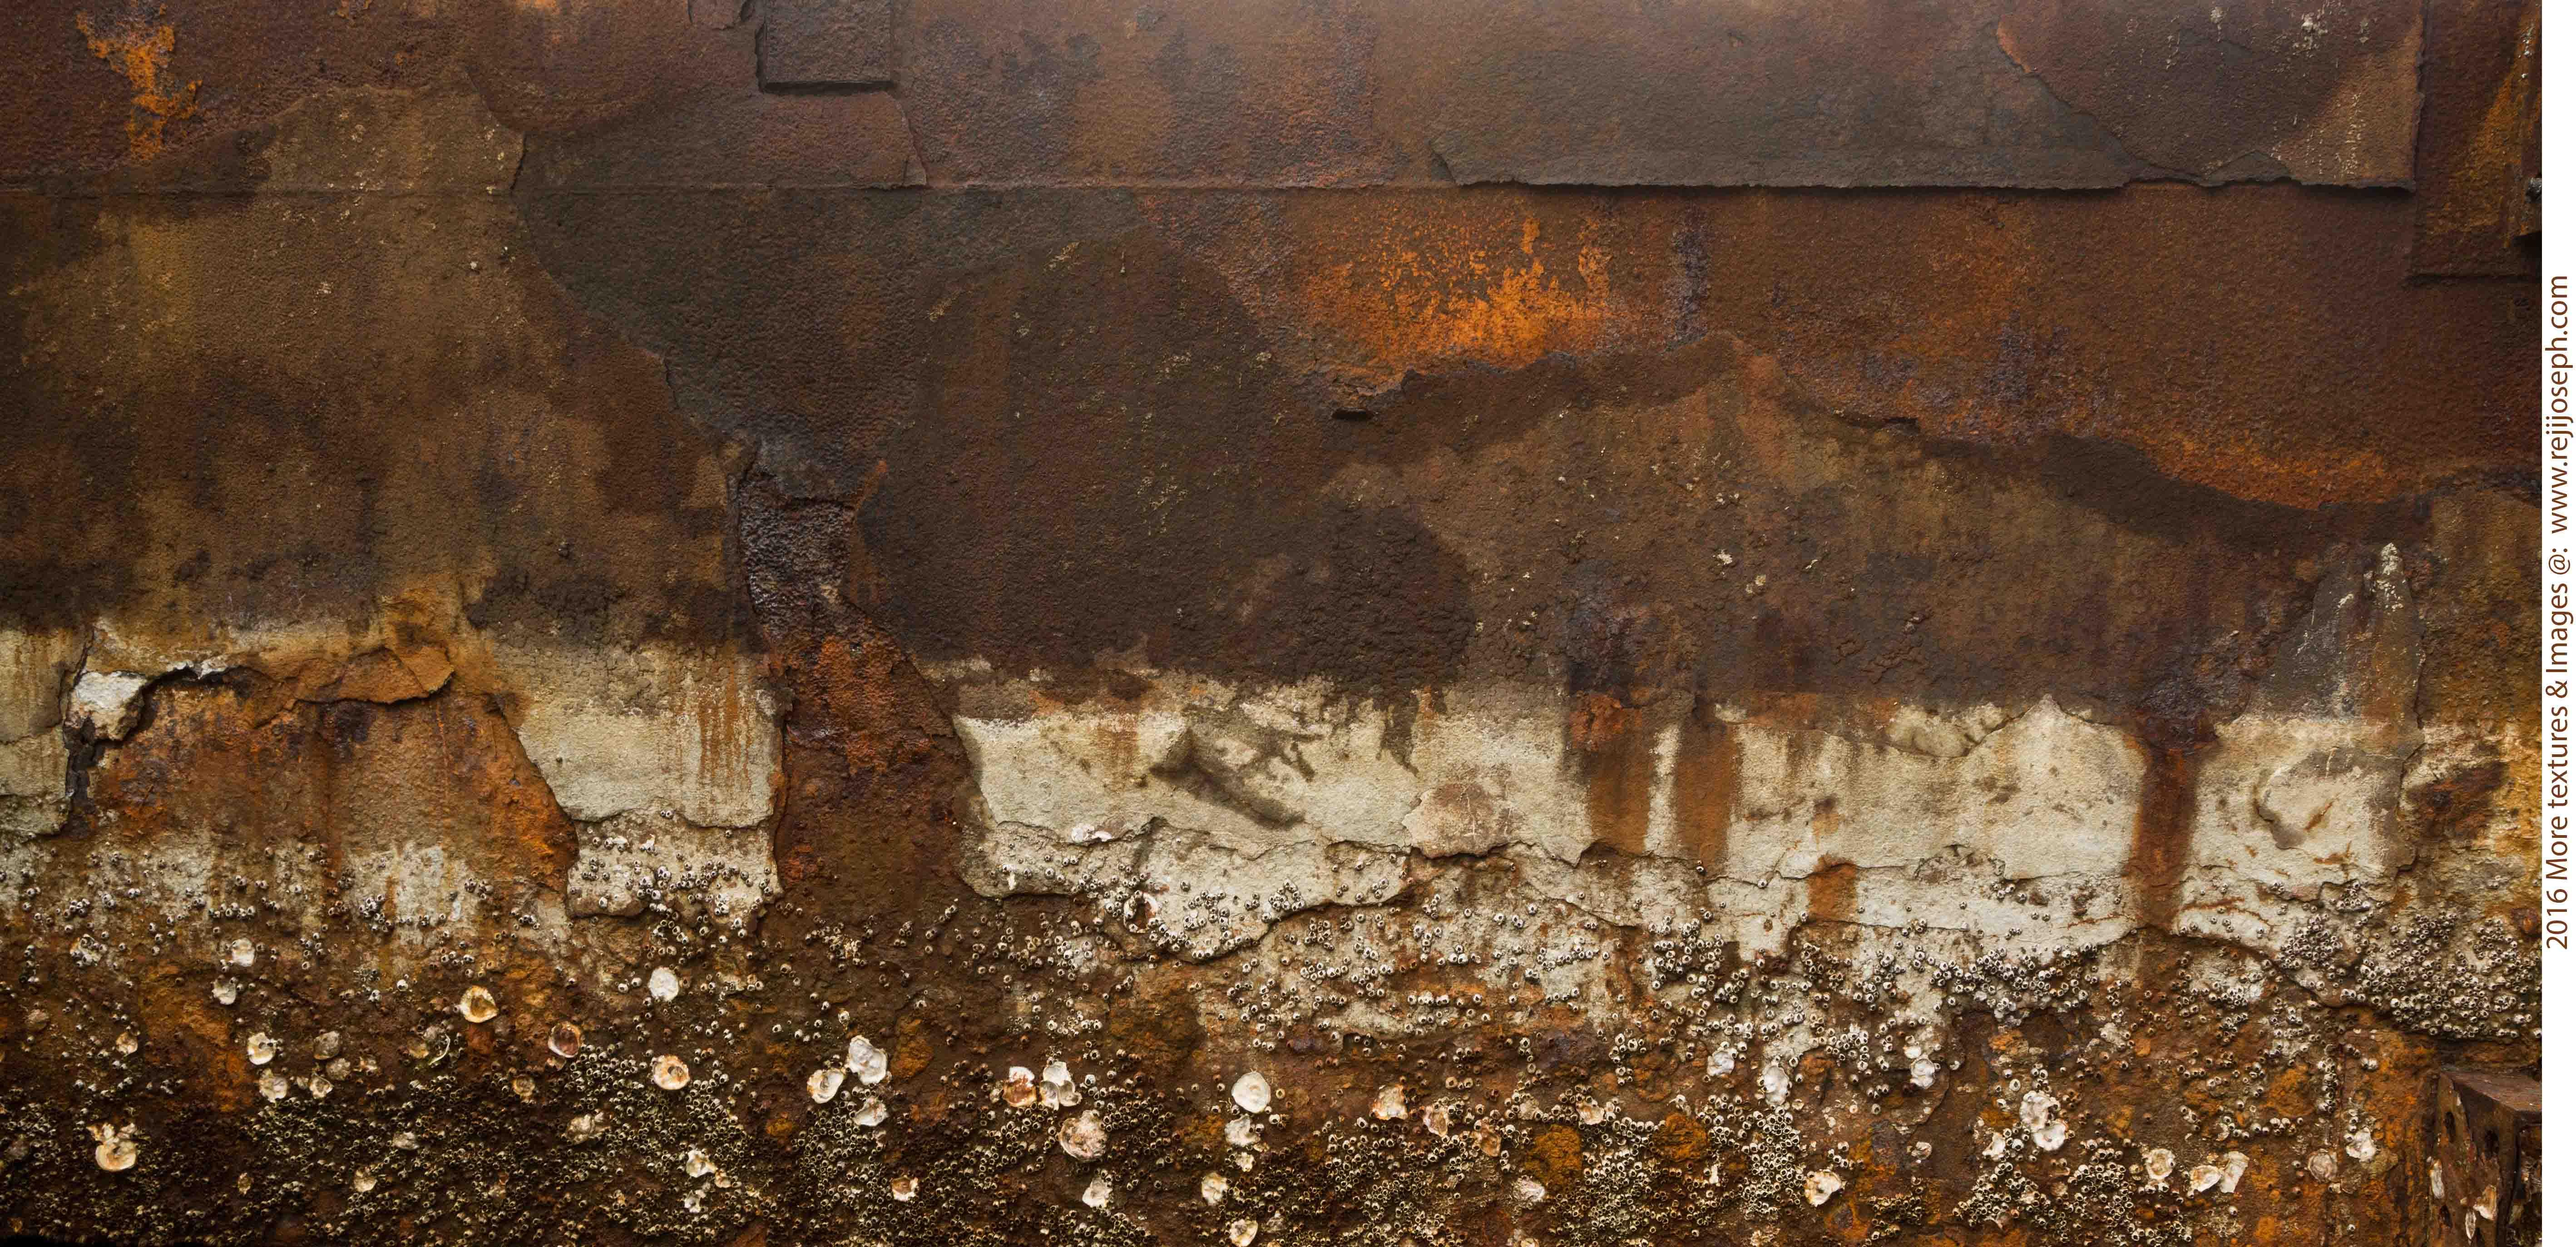 Rusty metal texture 00015